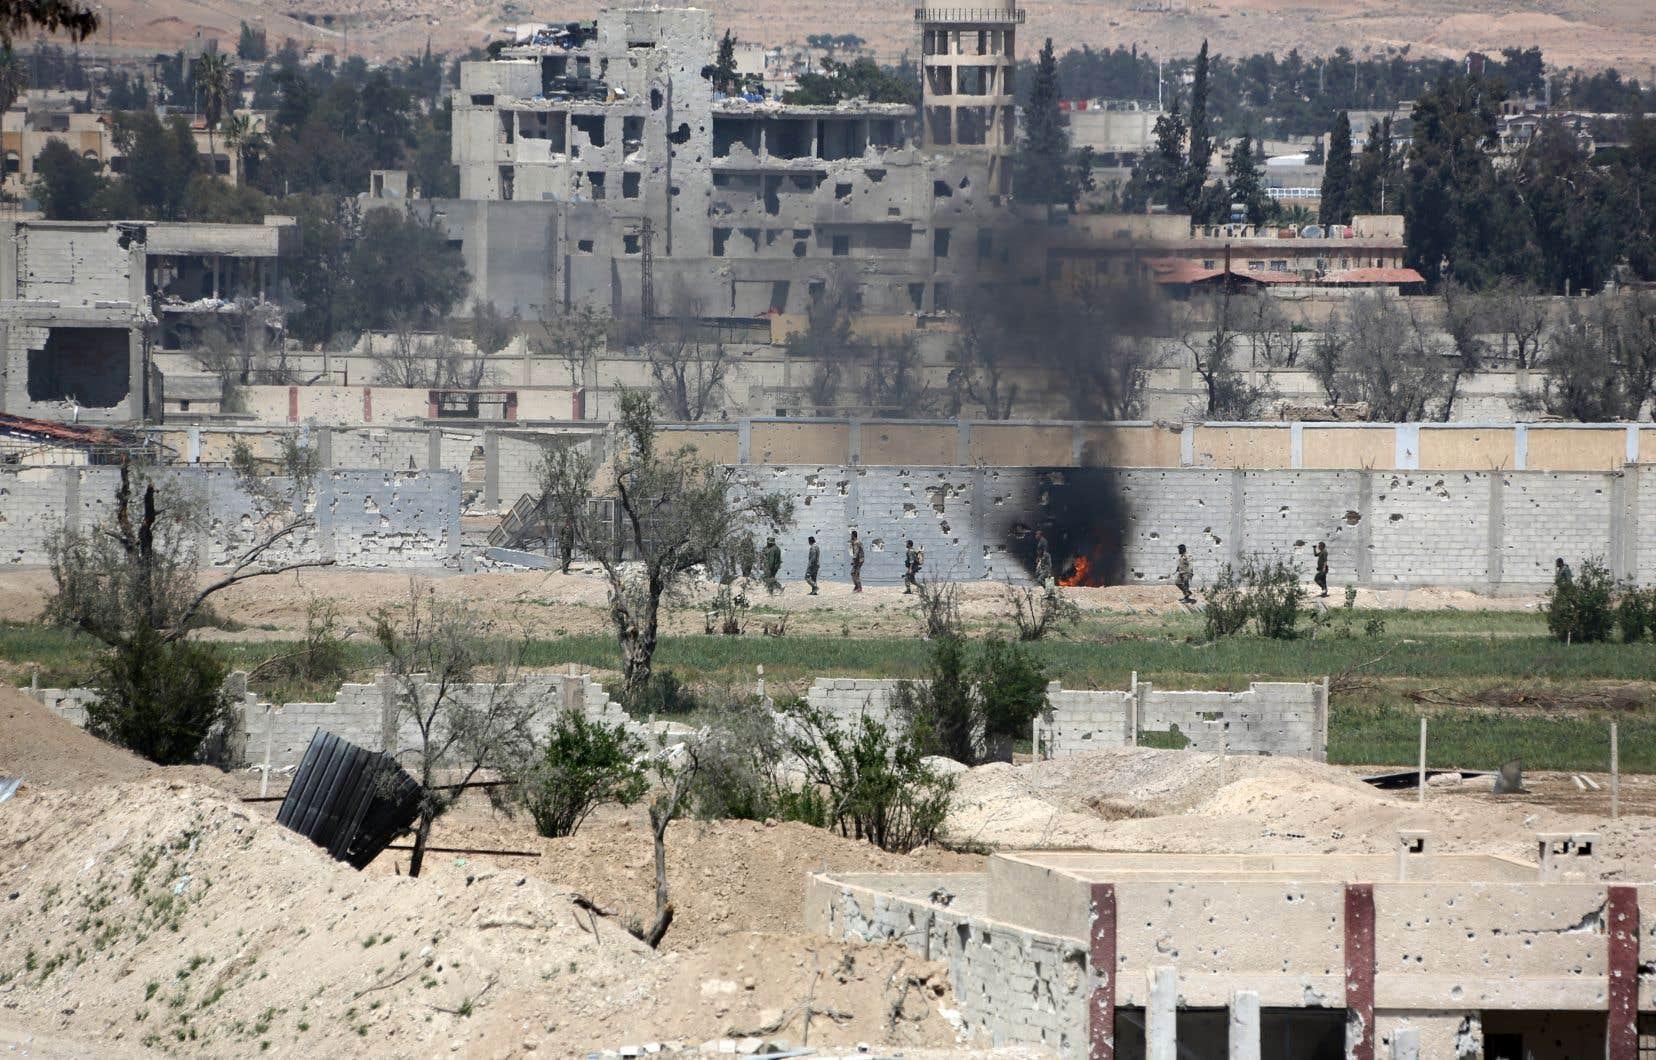 Le rapport de l'agence de presse syrienne survient quelques heures après que le président américain eut condamné la possible attaque chimique de l'armée syrienne à Douma.